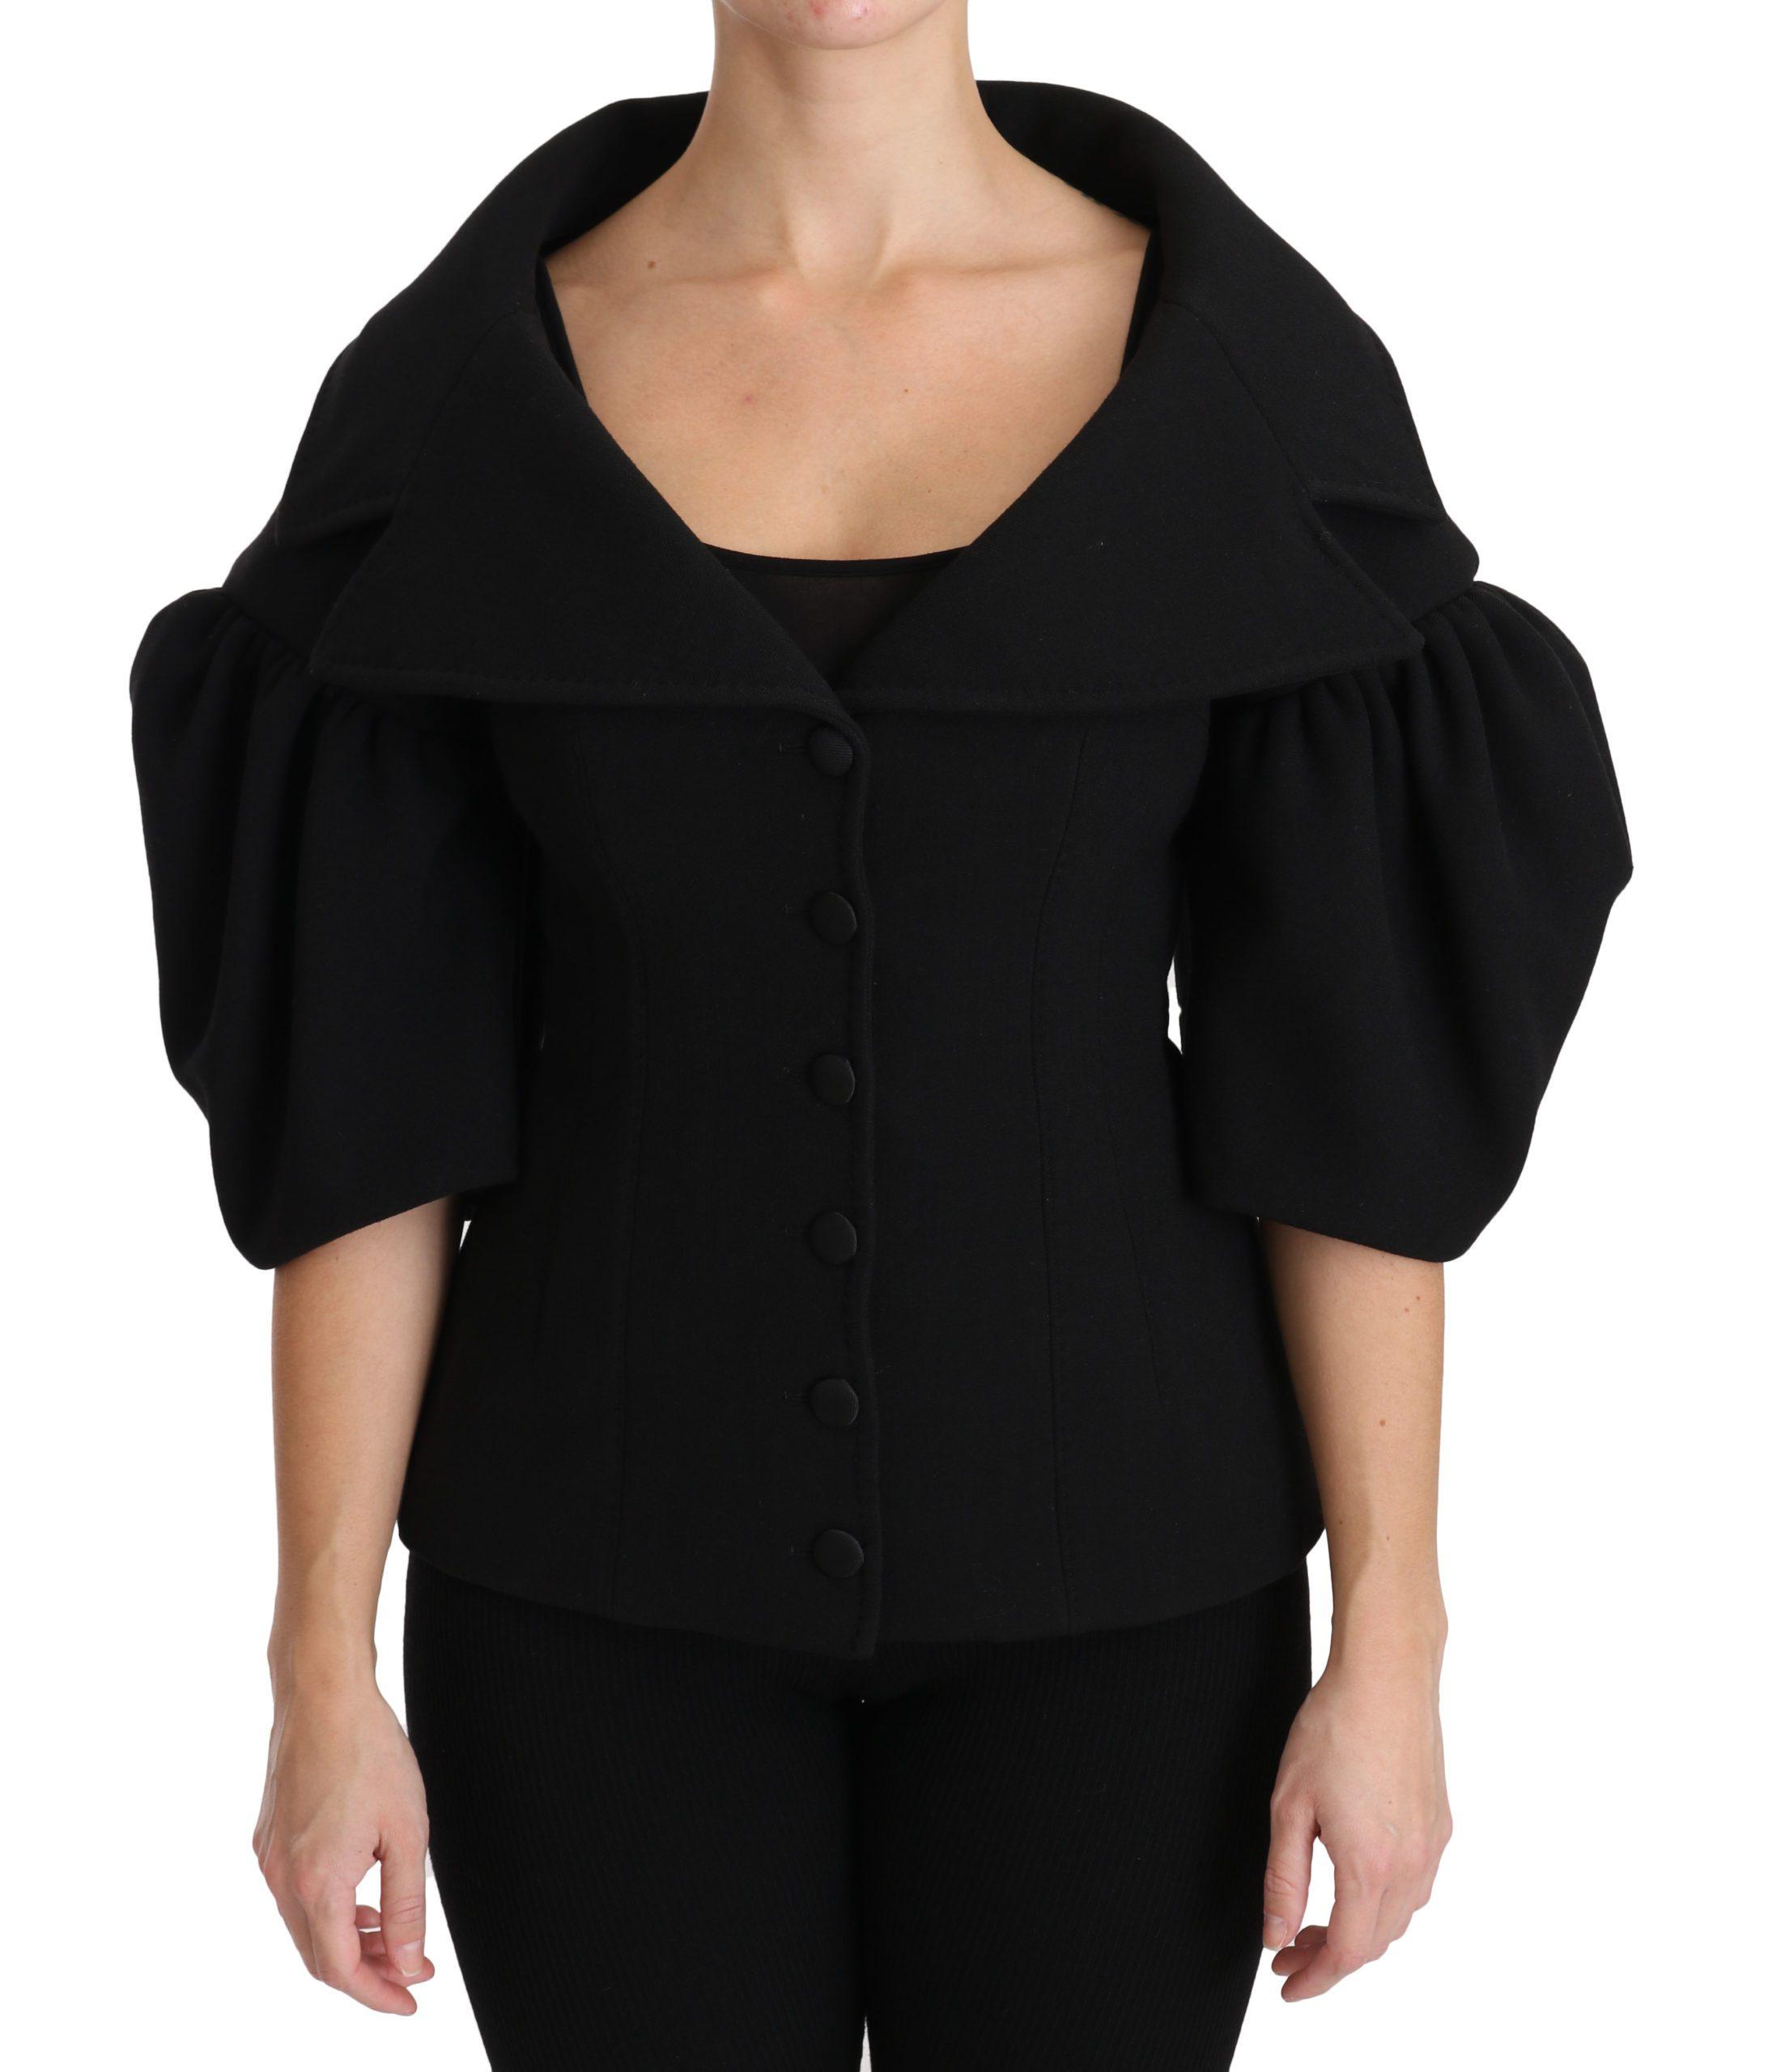 Dolce & Gabbana Women's Formal Virgin Wool Formal Coat Black JKT2486 - IT40|S